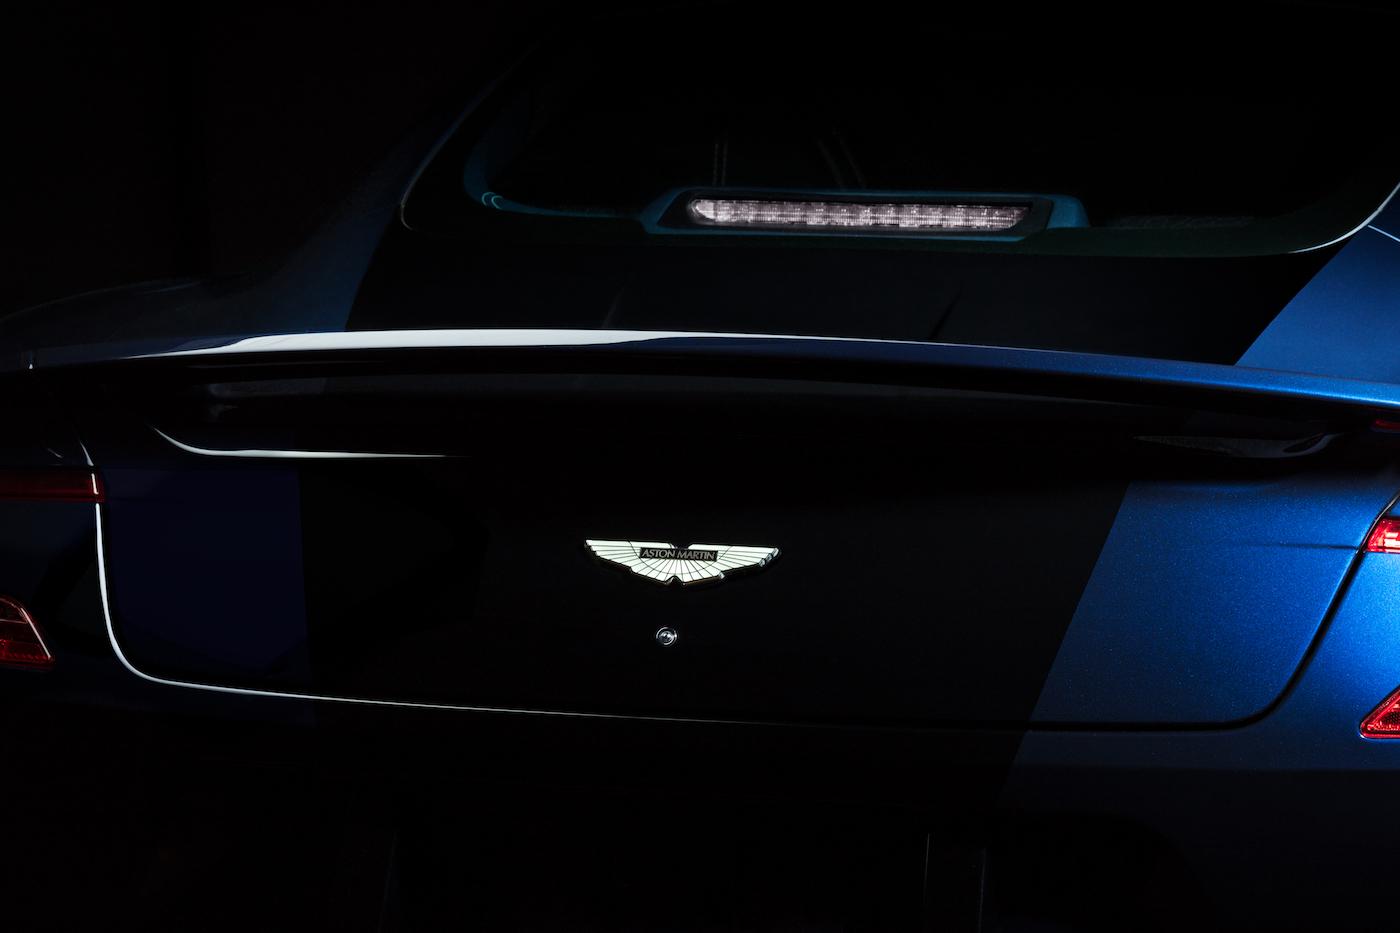 007: Daniel Craig's Aston Martin Vanquish wird in New York versteigert 5